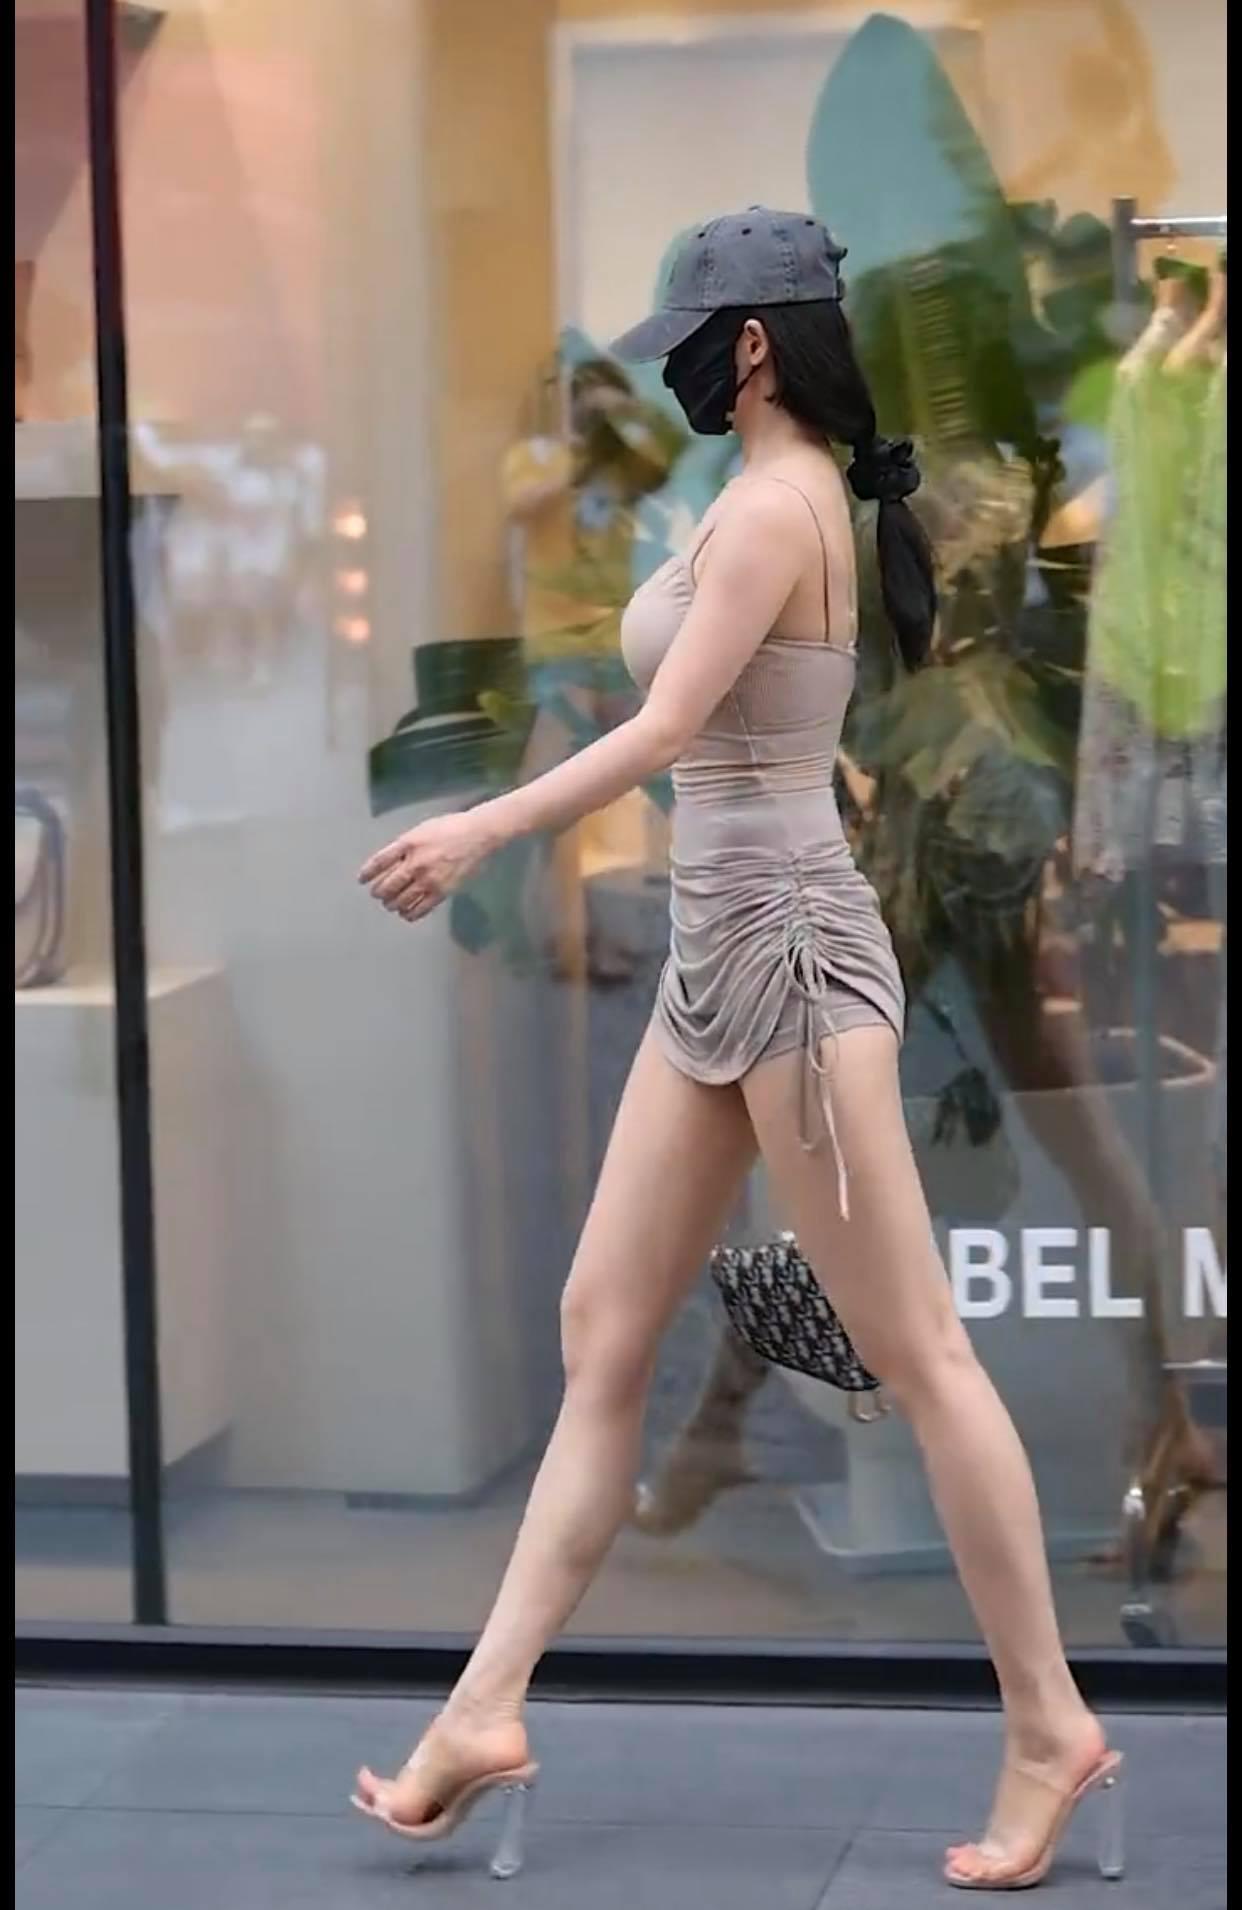 Váy rút dây cao ngang hông, người đẹp đường phố thu hút mọi ánh mắt - 3